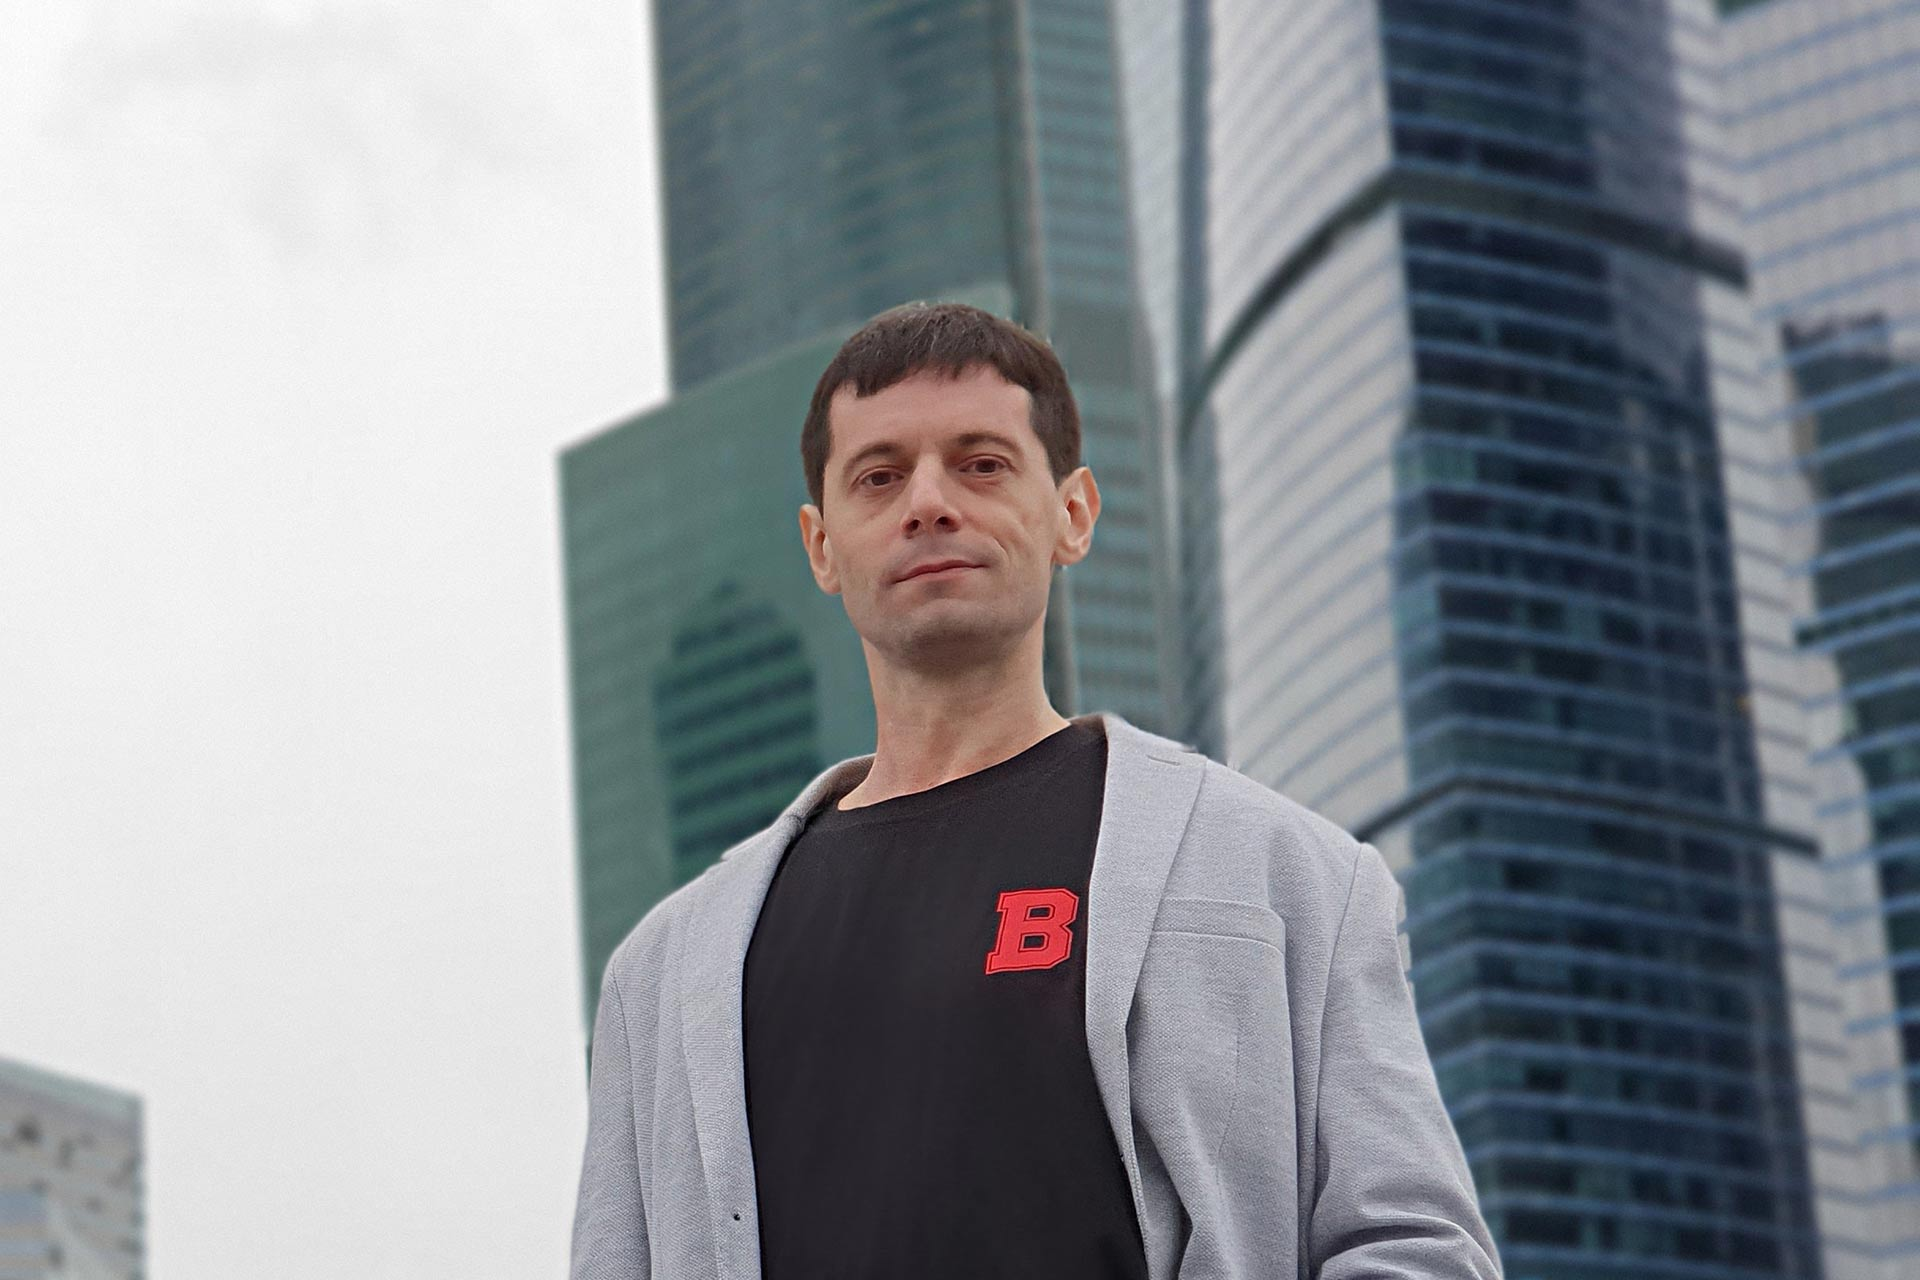 Дмитрий Дюковский - предприниматель, основатель Бизнес-школы БИЗНЕС ИНСАЙТ